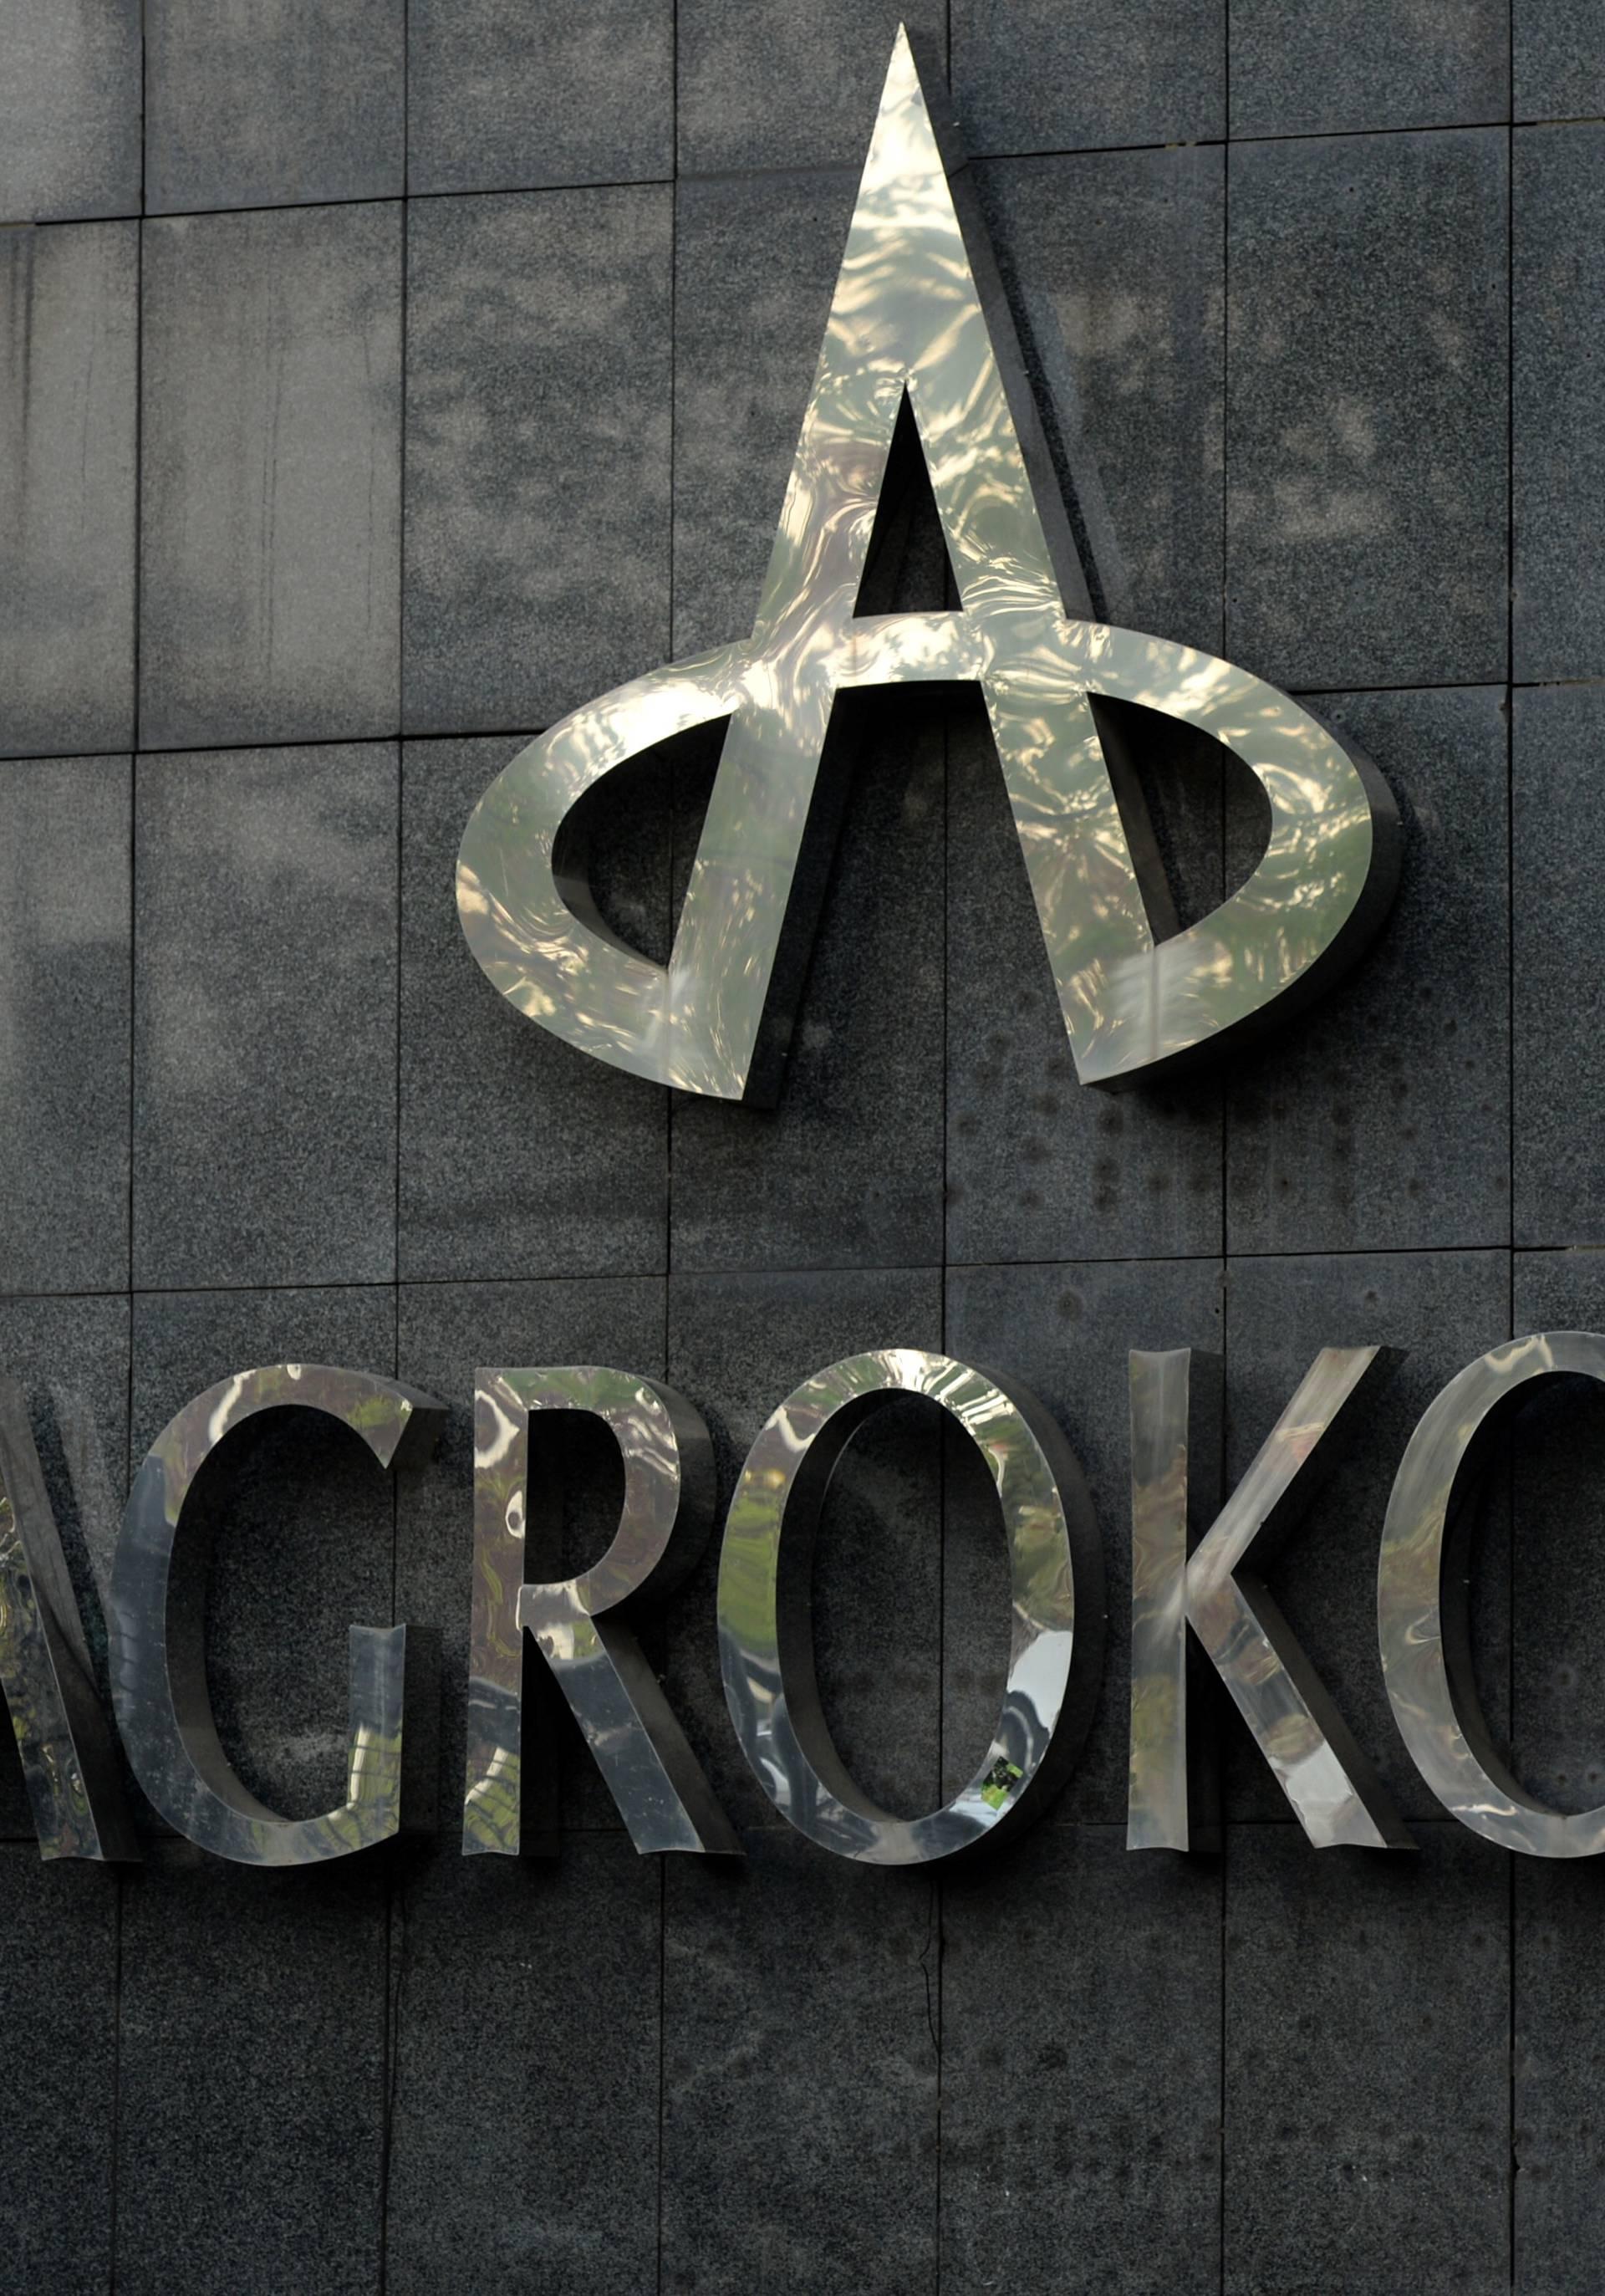 Jamnica, PIK i Belje jamčili su milijardama kuna za  Agrokor